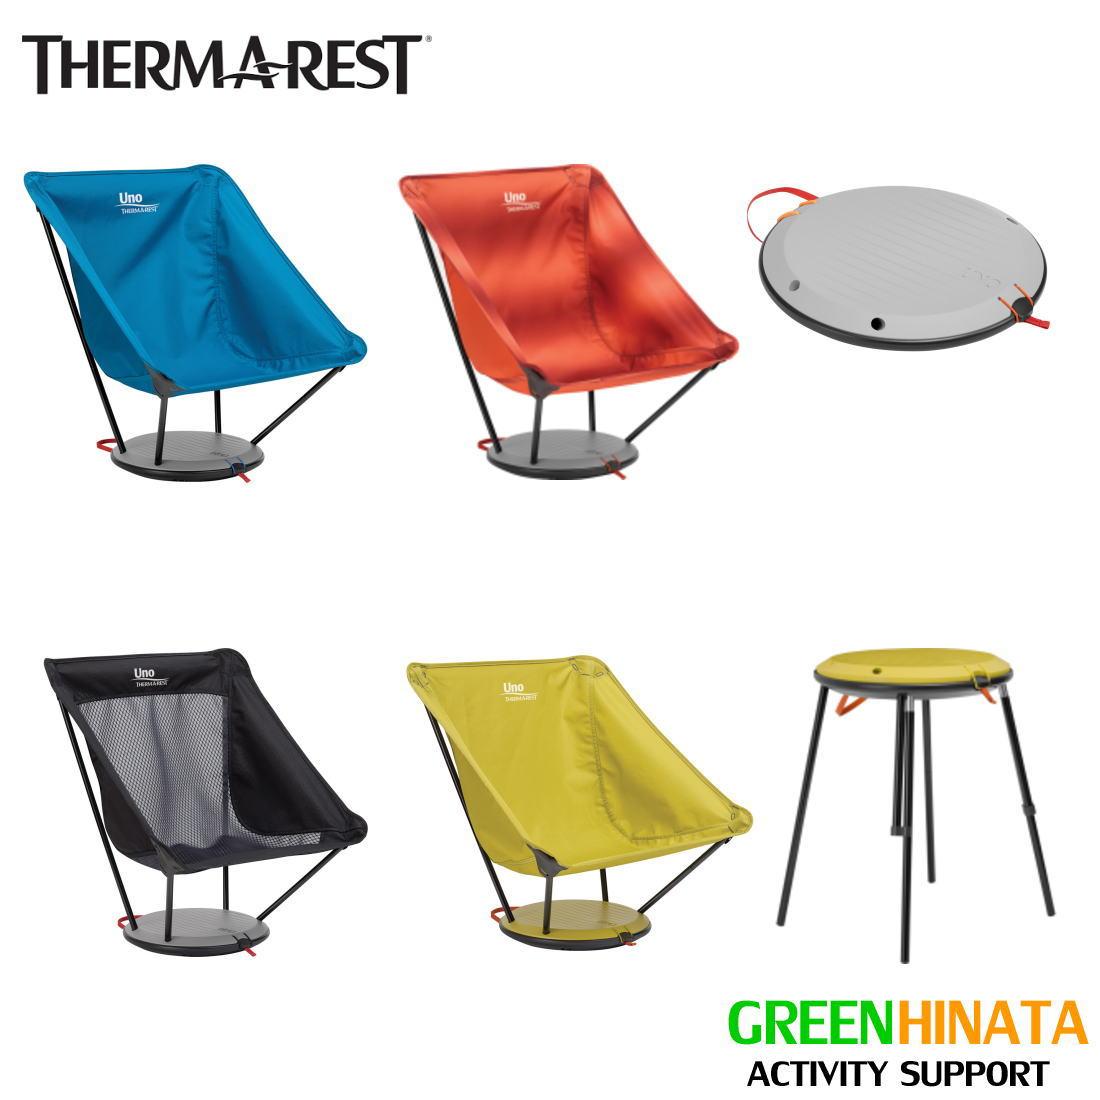 サーマレスト ウノチェア コンパクト収納 椅子   国内正規品 30509